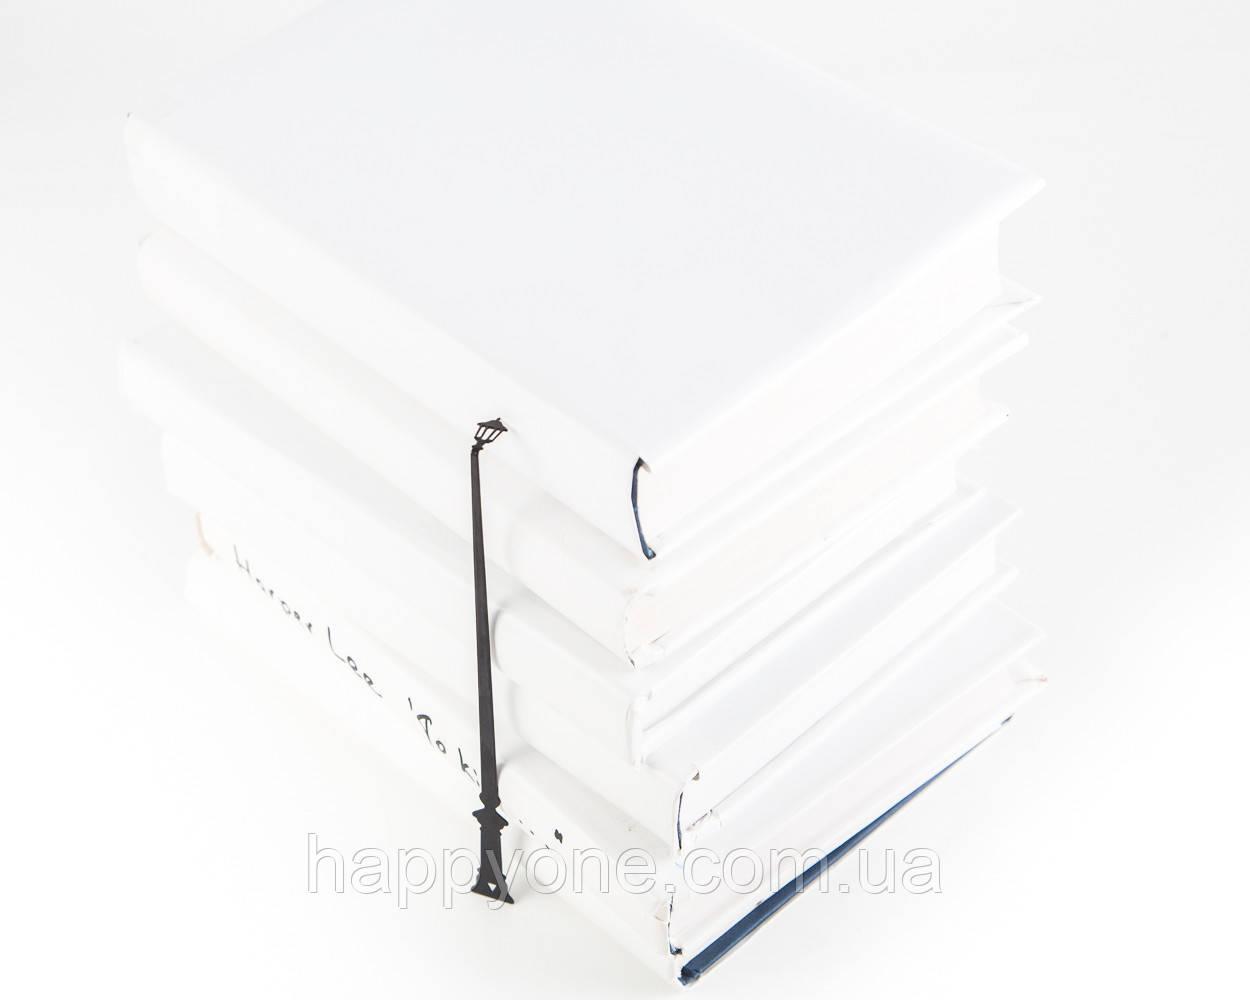 Закладка для книг Фонарь